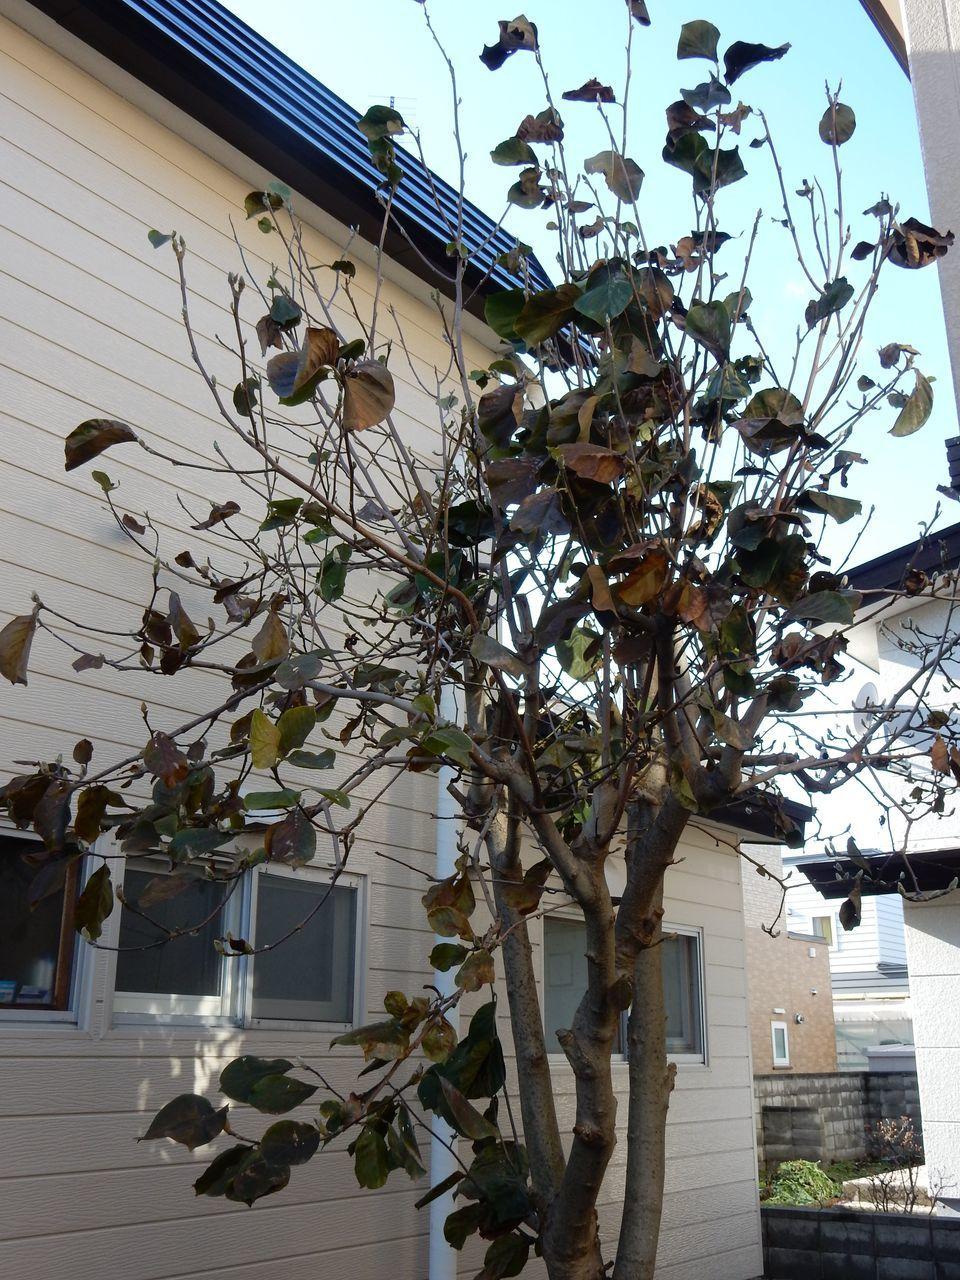 雪がなくなると、下からしおれた植物が顔を出した_c0025115_22023396.jpg